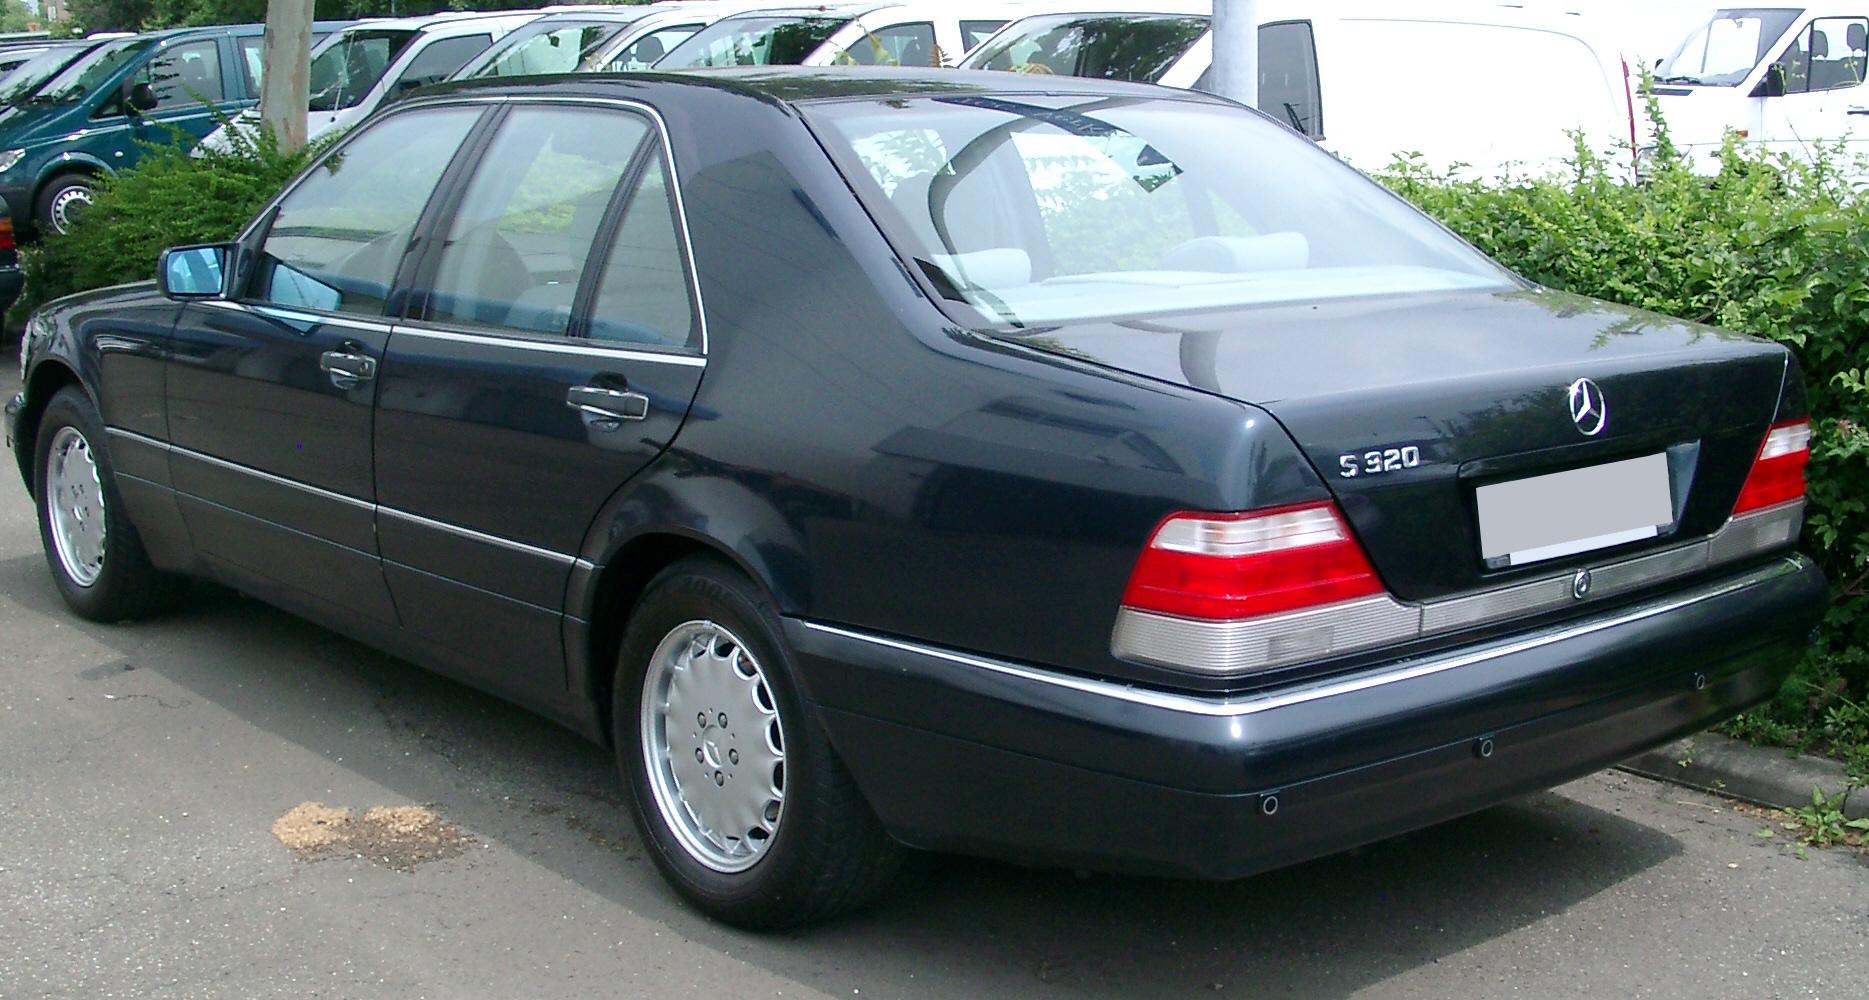 Benz s class w140 600sel or s600 m120 394 hp w140 information - Wczesny Model W140 Prz D S 600 Wersja S320